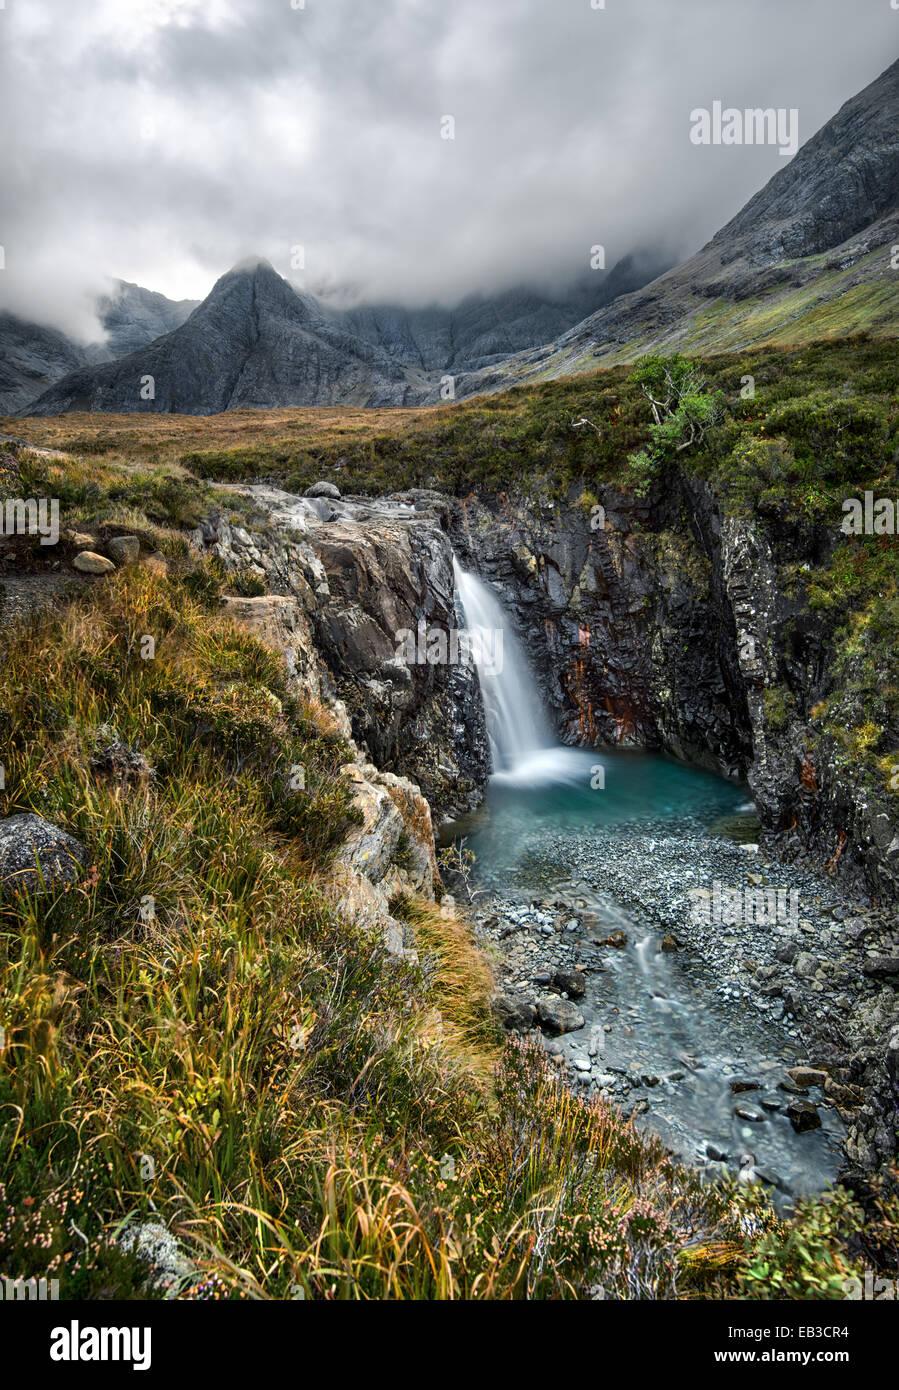 Regno Unito, Scozia, Fata piscine a cascata nebbioso giorno Immagini Stock